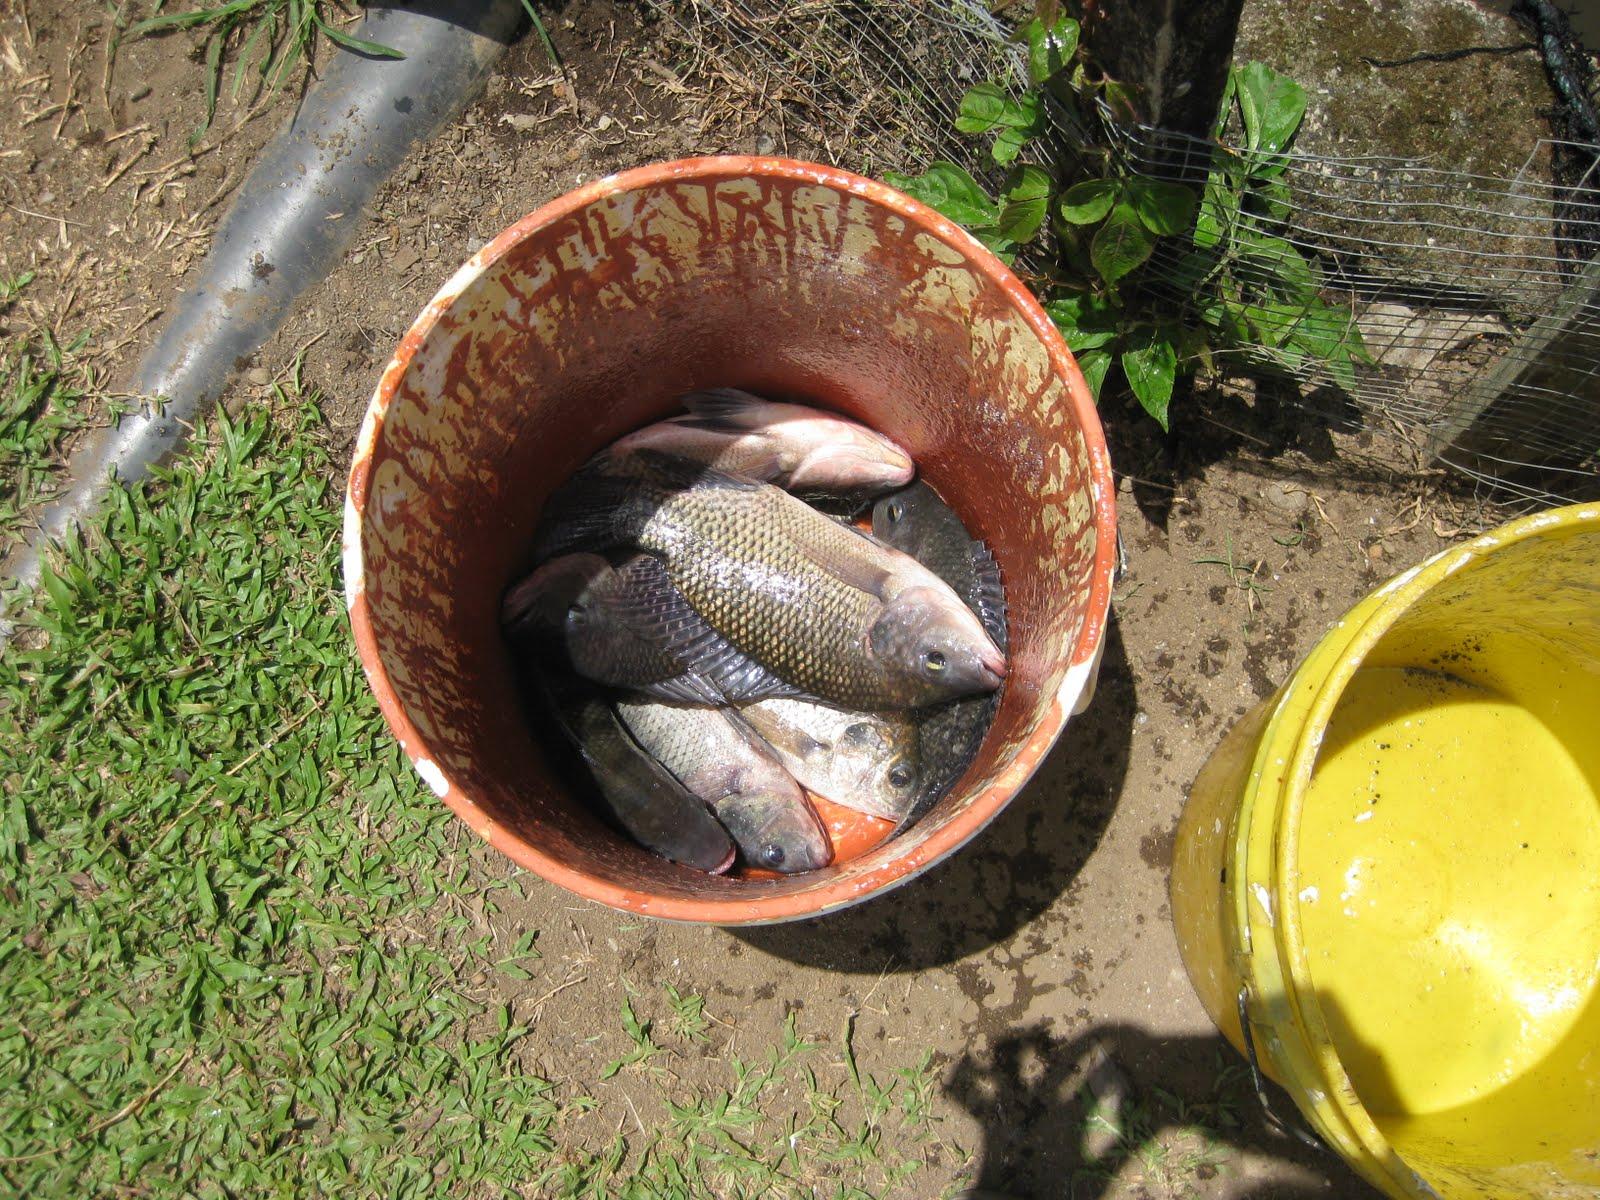 costa rica blogging tilapia farming in costa rica